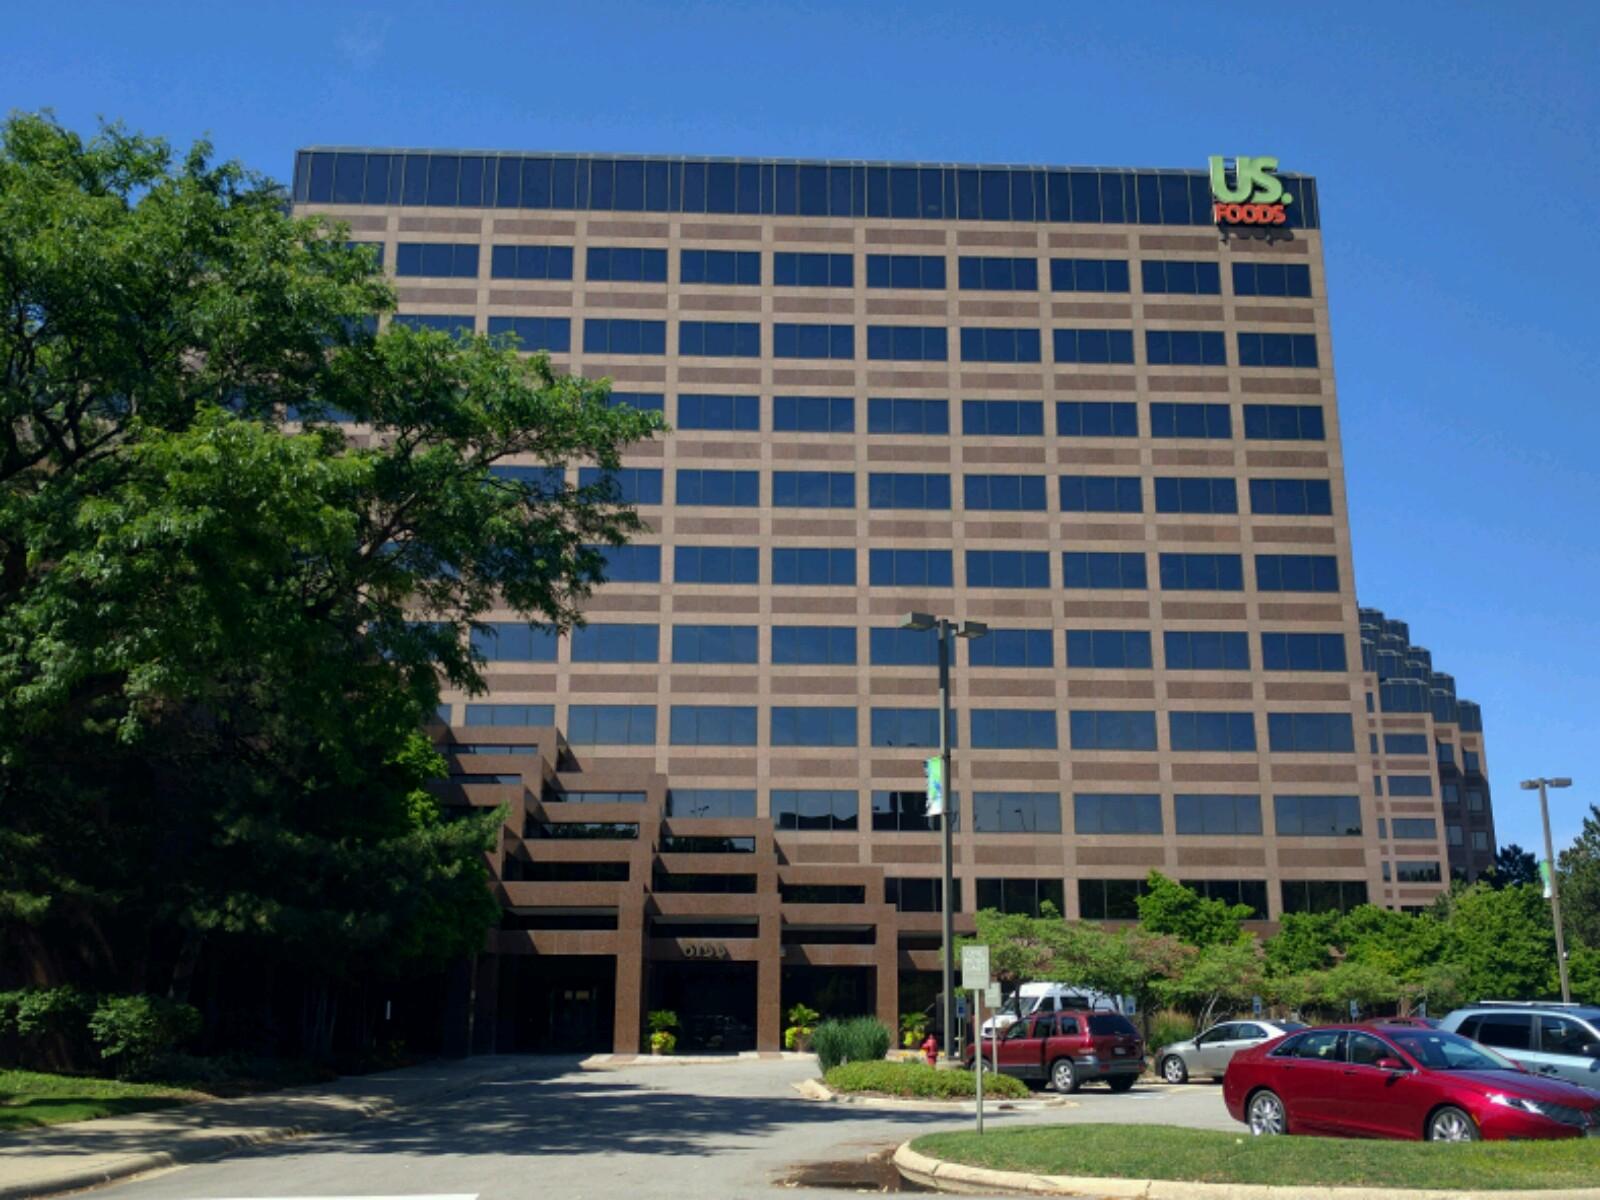 US Foods' headquarters in Rosemont, Illinois.